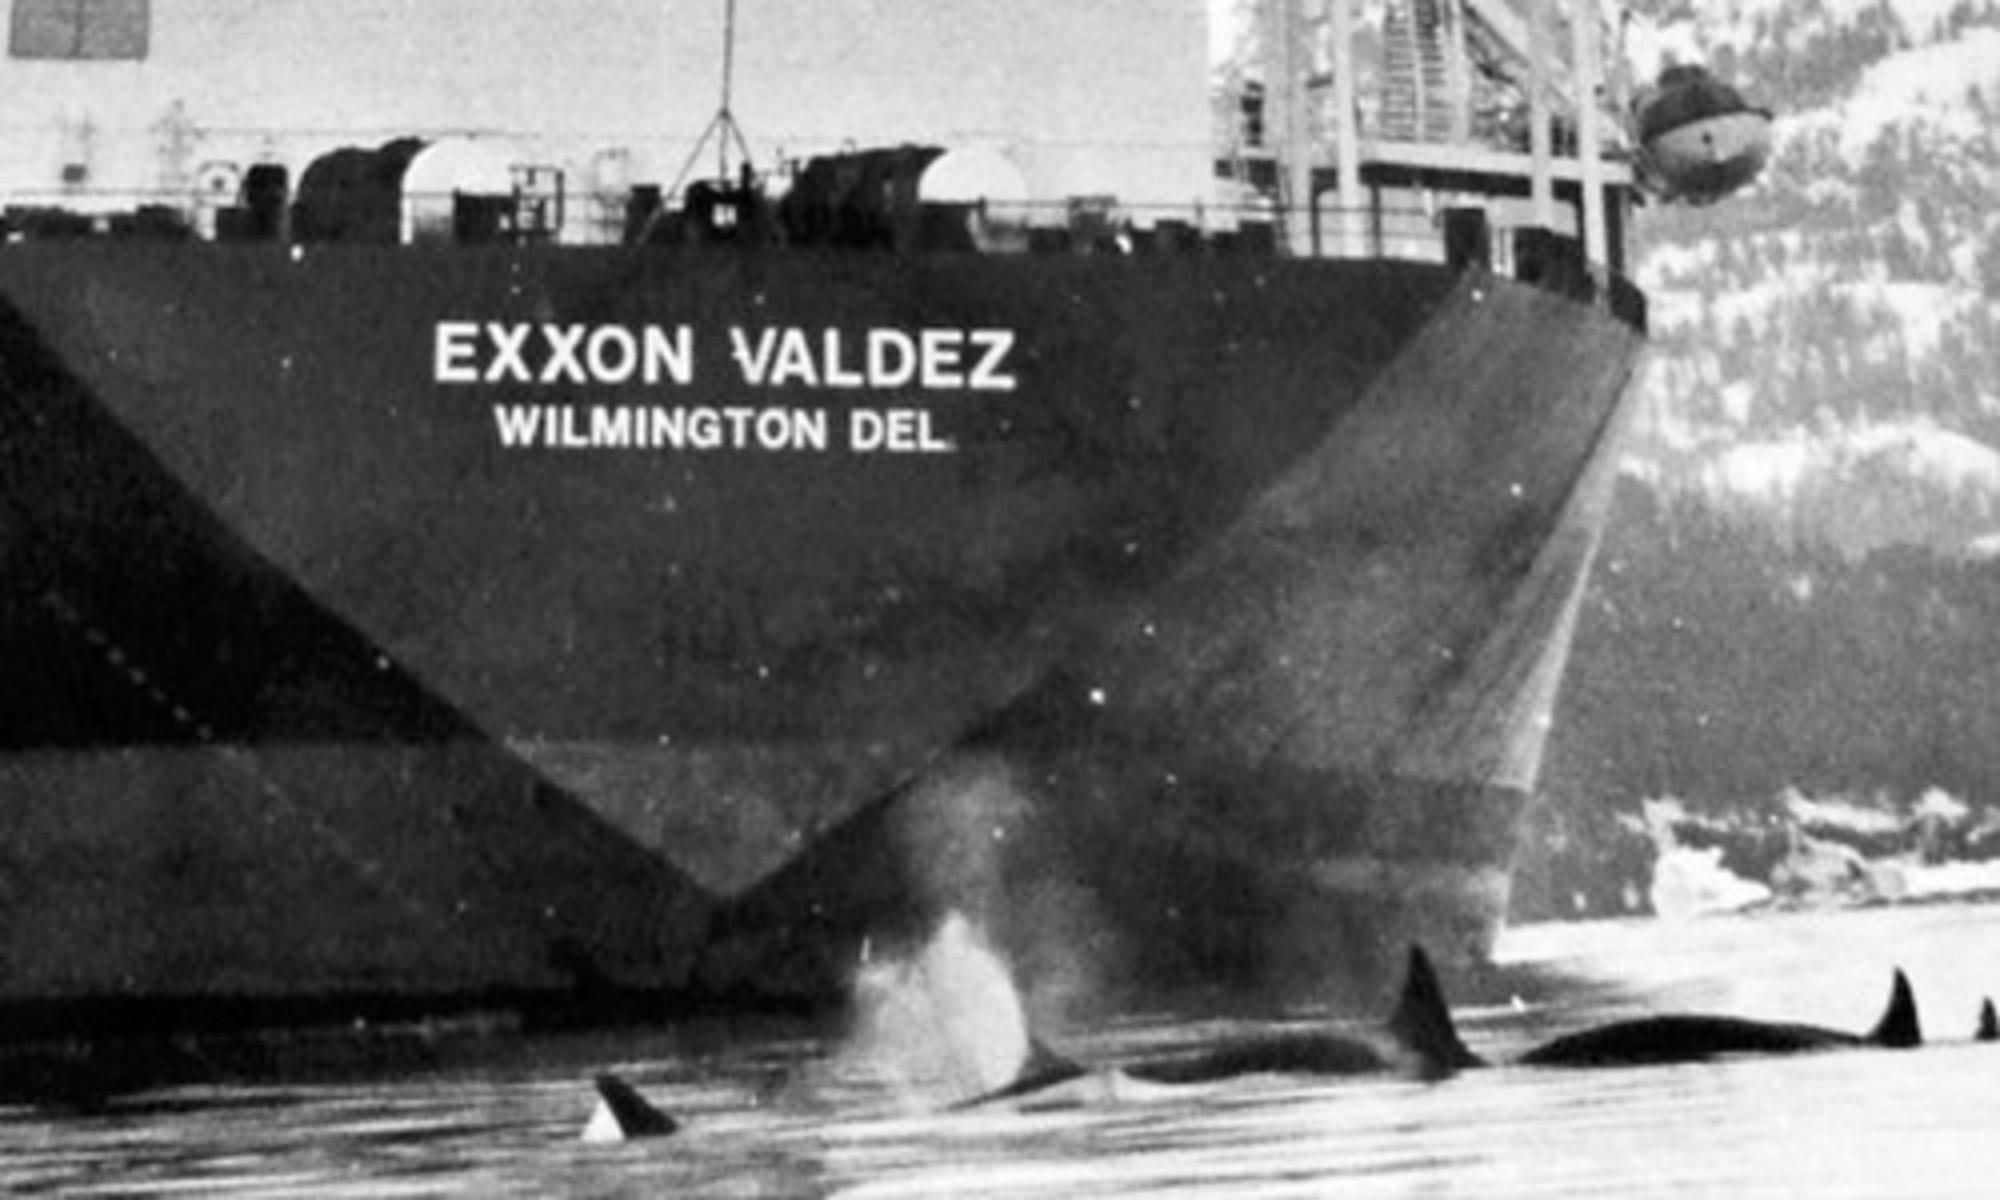 Petrolio, ambiente: non ci sarà un'altra Exxon Valdez